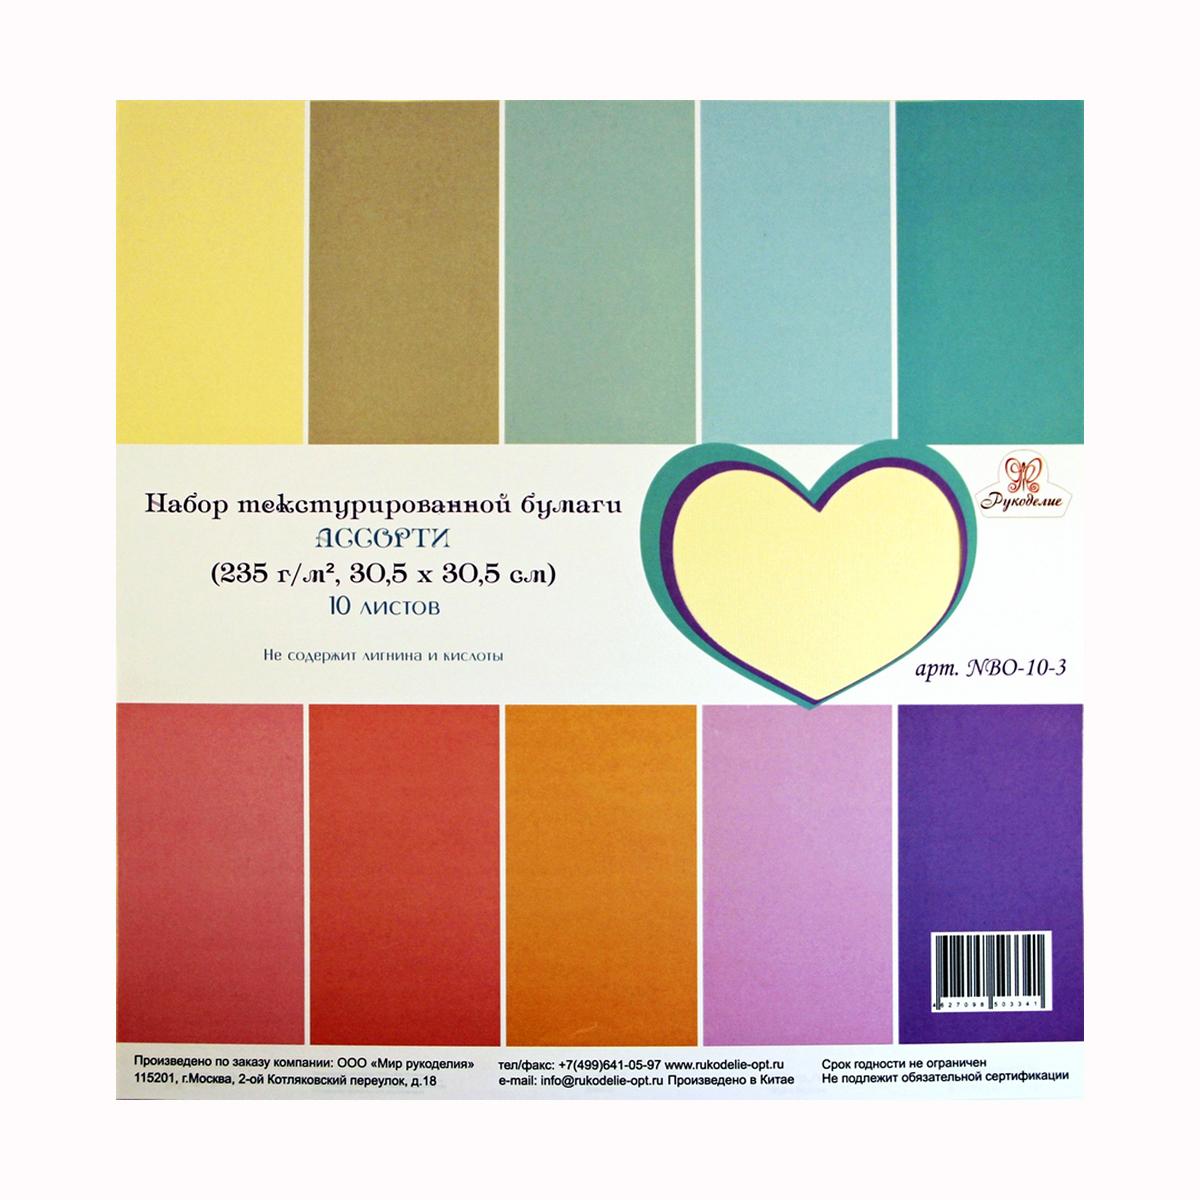 Набор текстурированной бумаги Рукоделие, 30,5 х 30,5 см. 488836488836